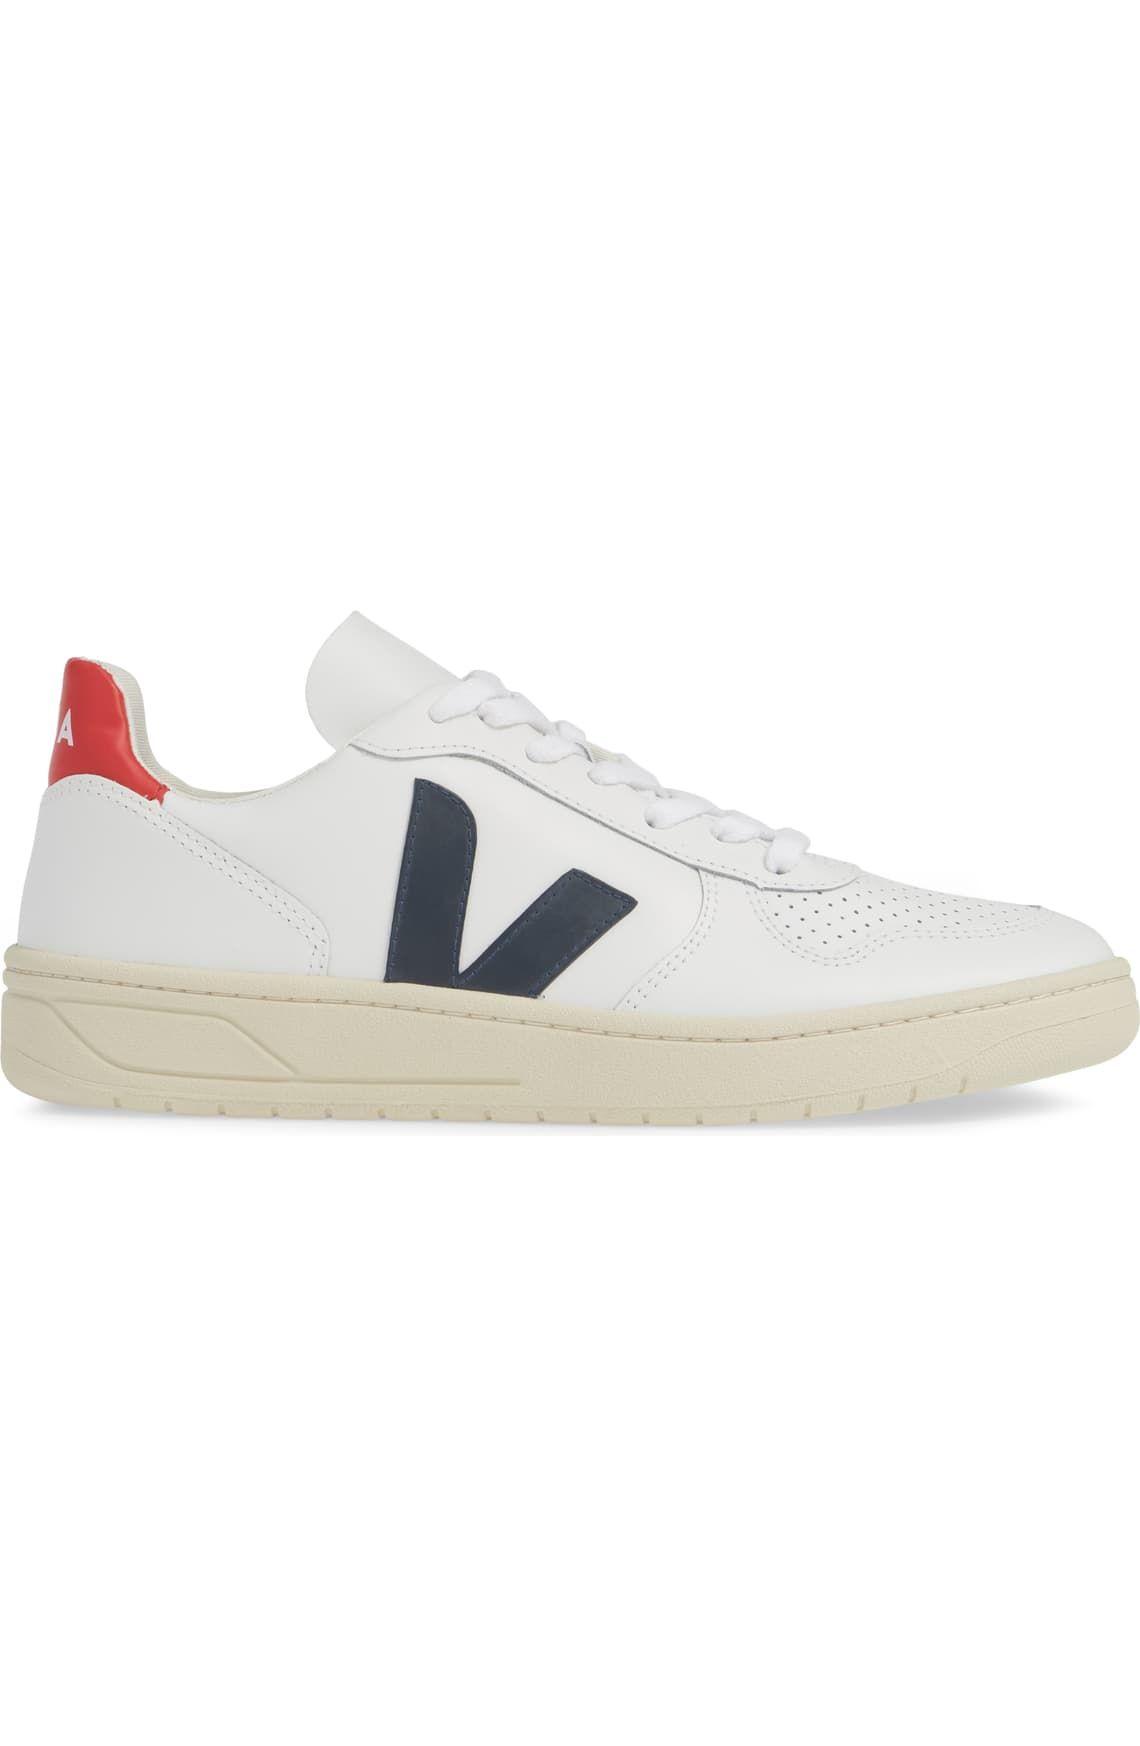 Sneaker (Men)   Nordstrom   Sneakers